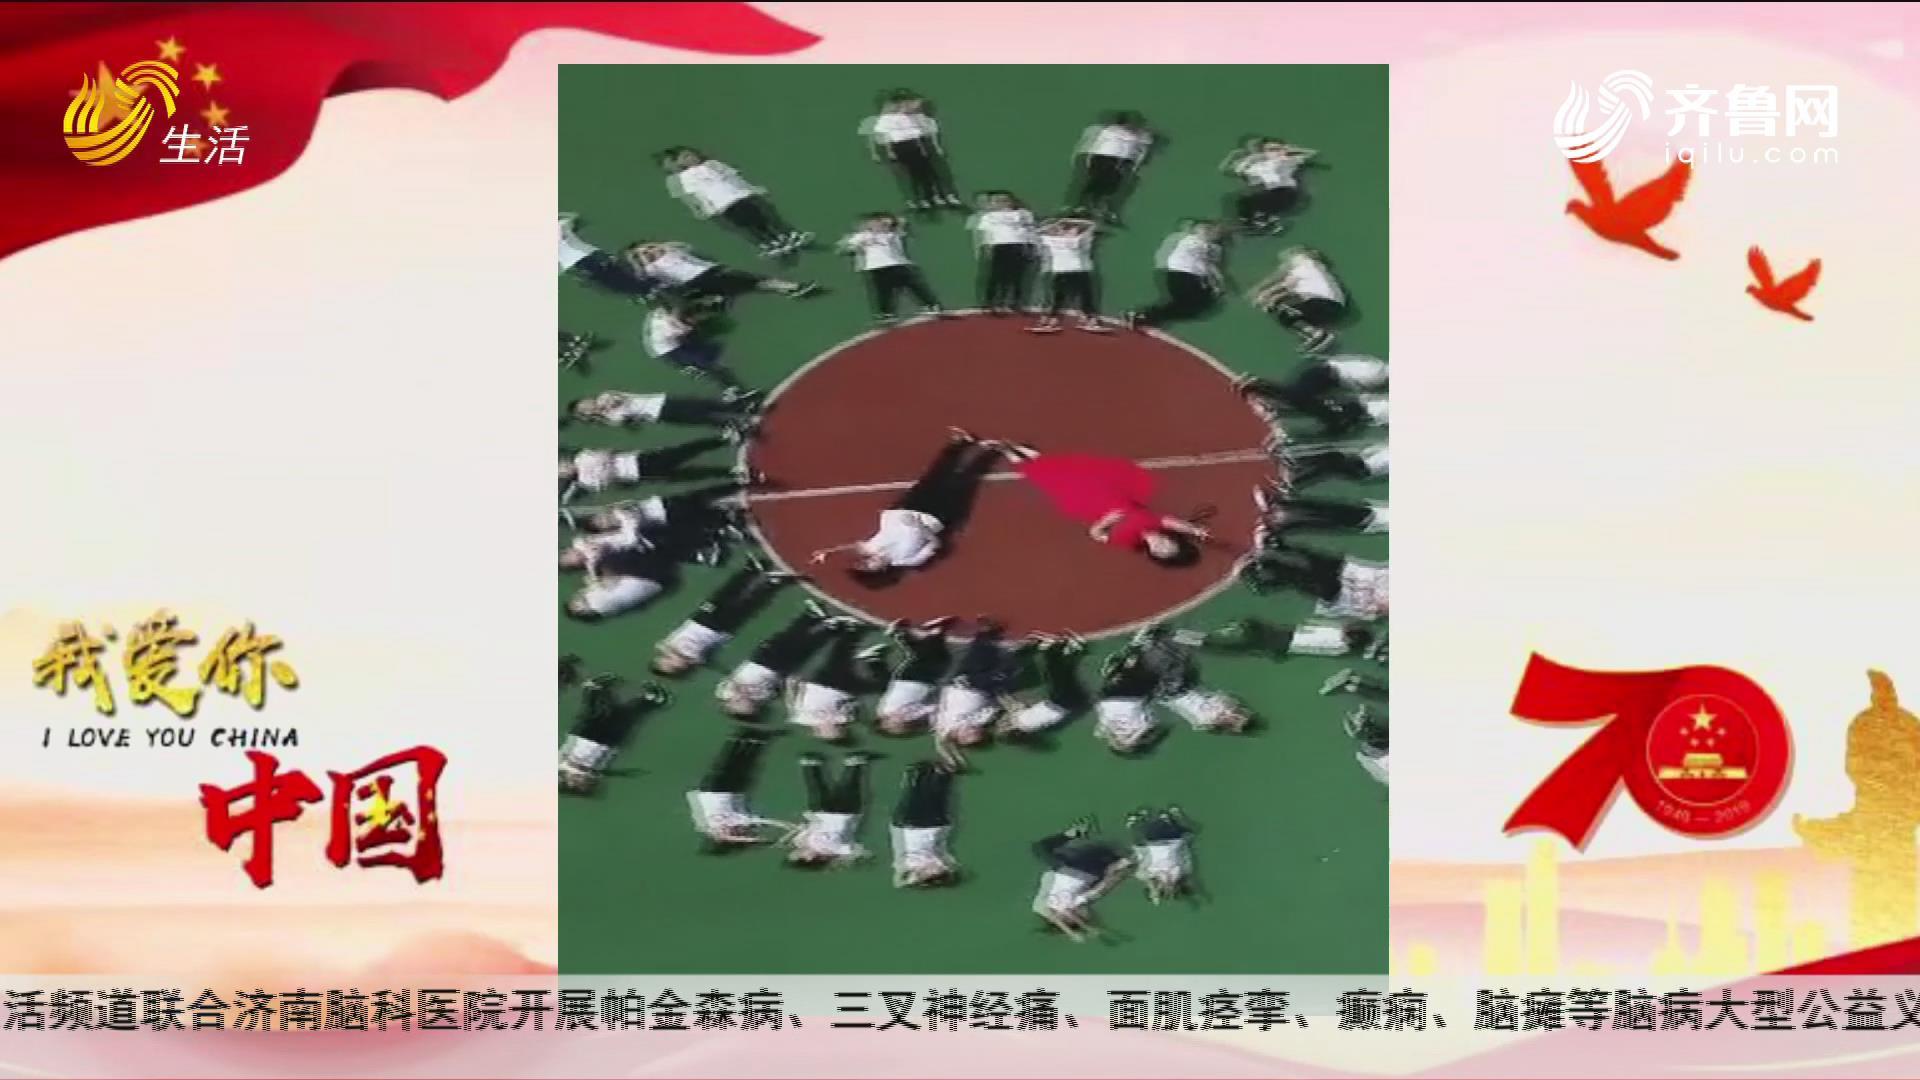 壮丽七十年 奋进新时代 我爱你中国 青少年短视频征集活动20190907